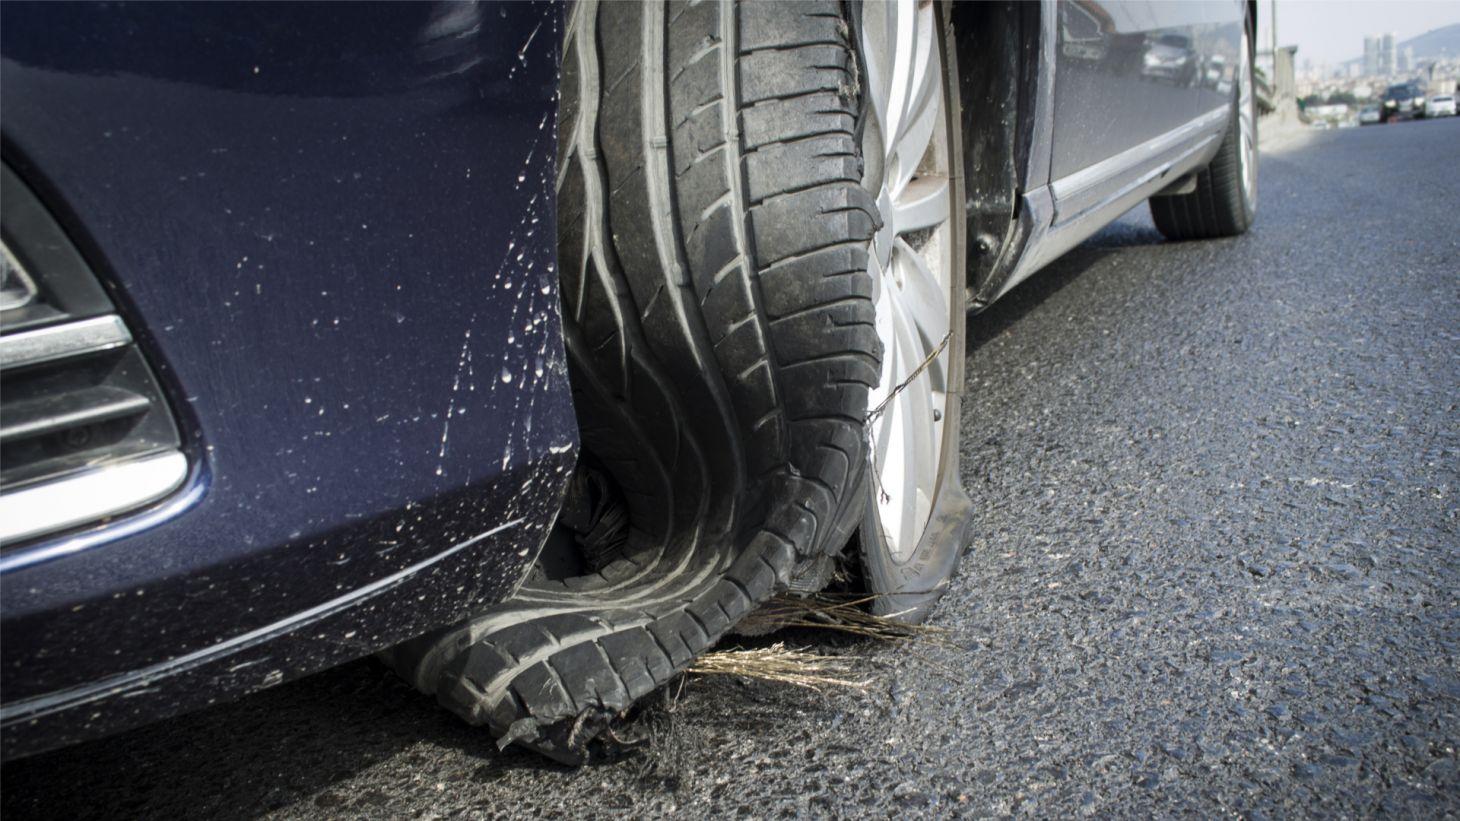 pneu dianteiro esquerdo carro automovel estourado